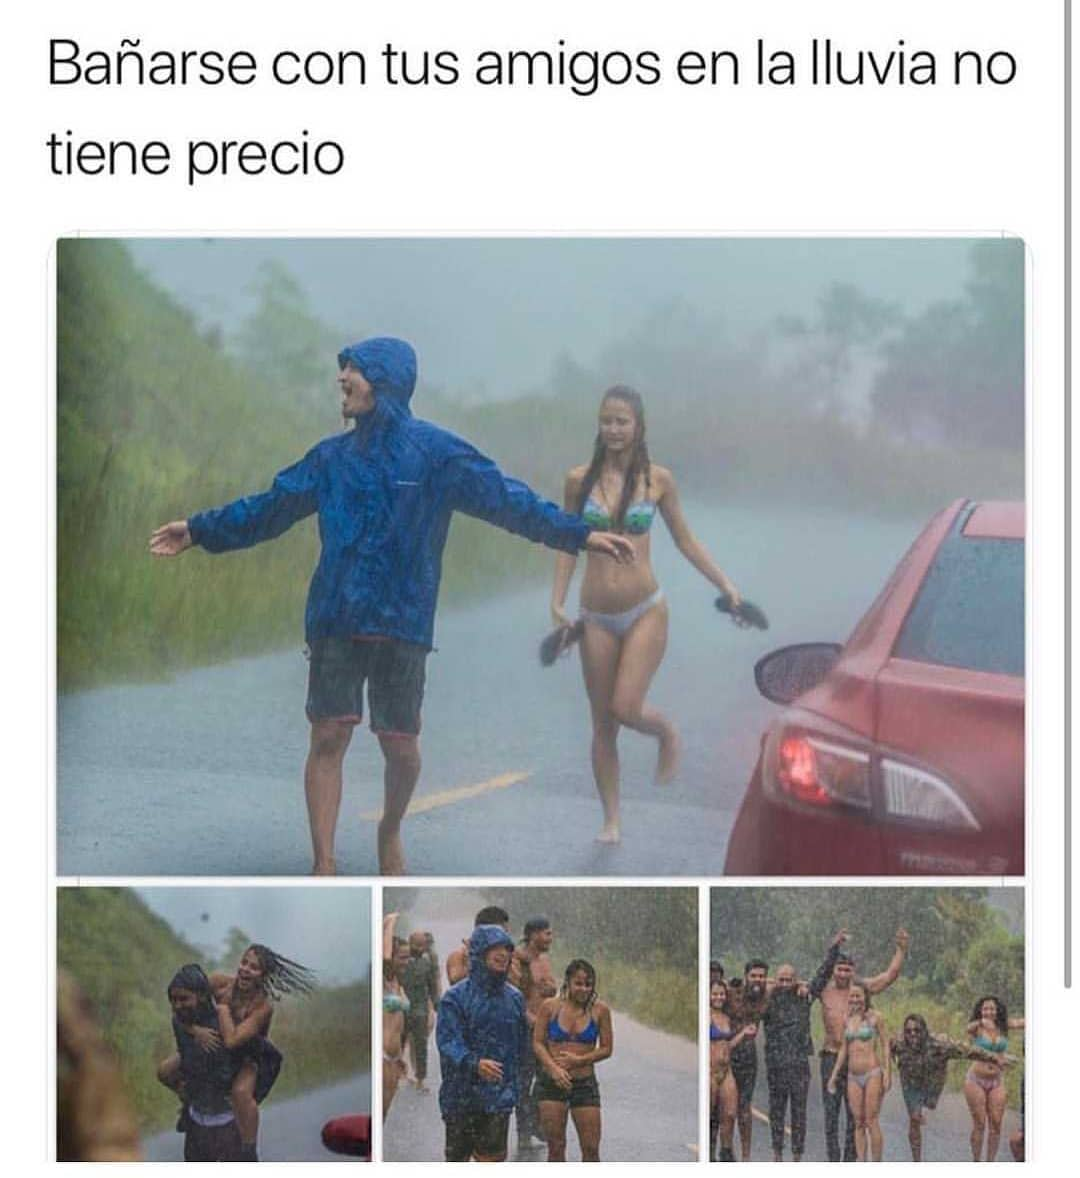 Bañarse con tus amigos en la lluvia no tiene precio.